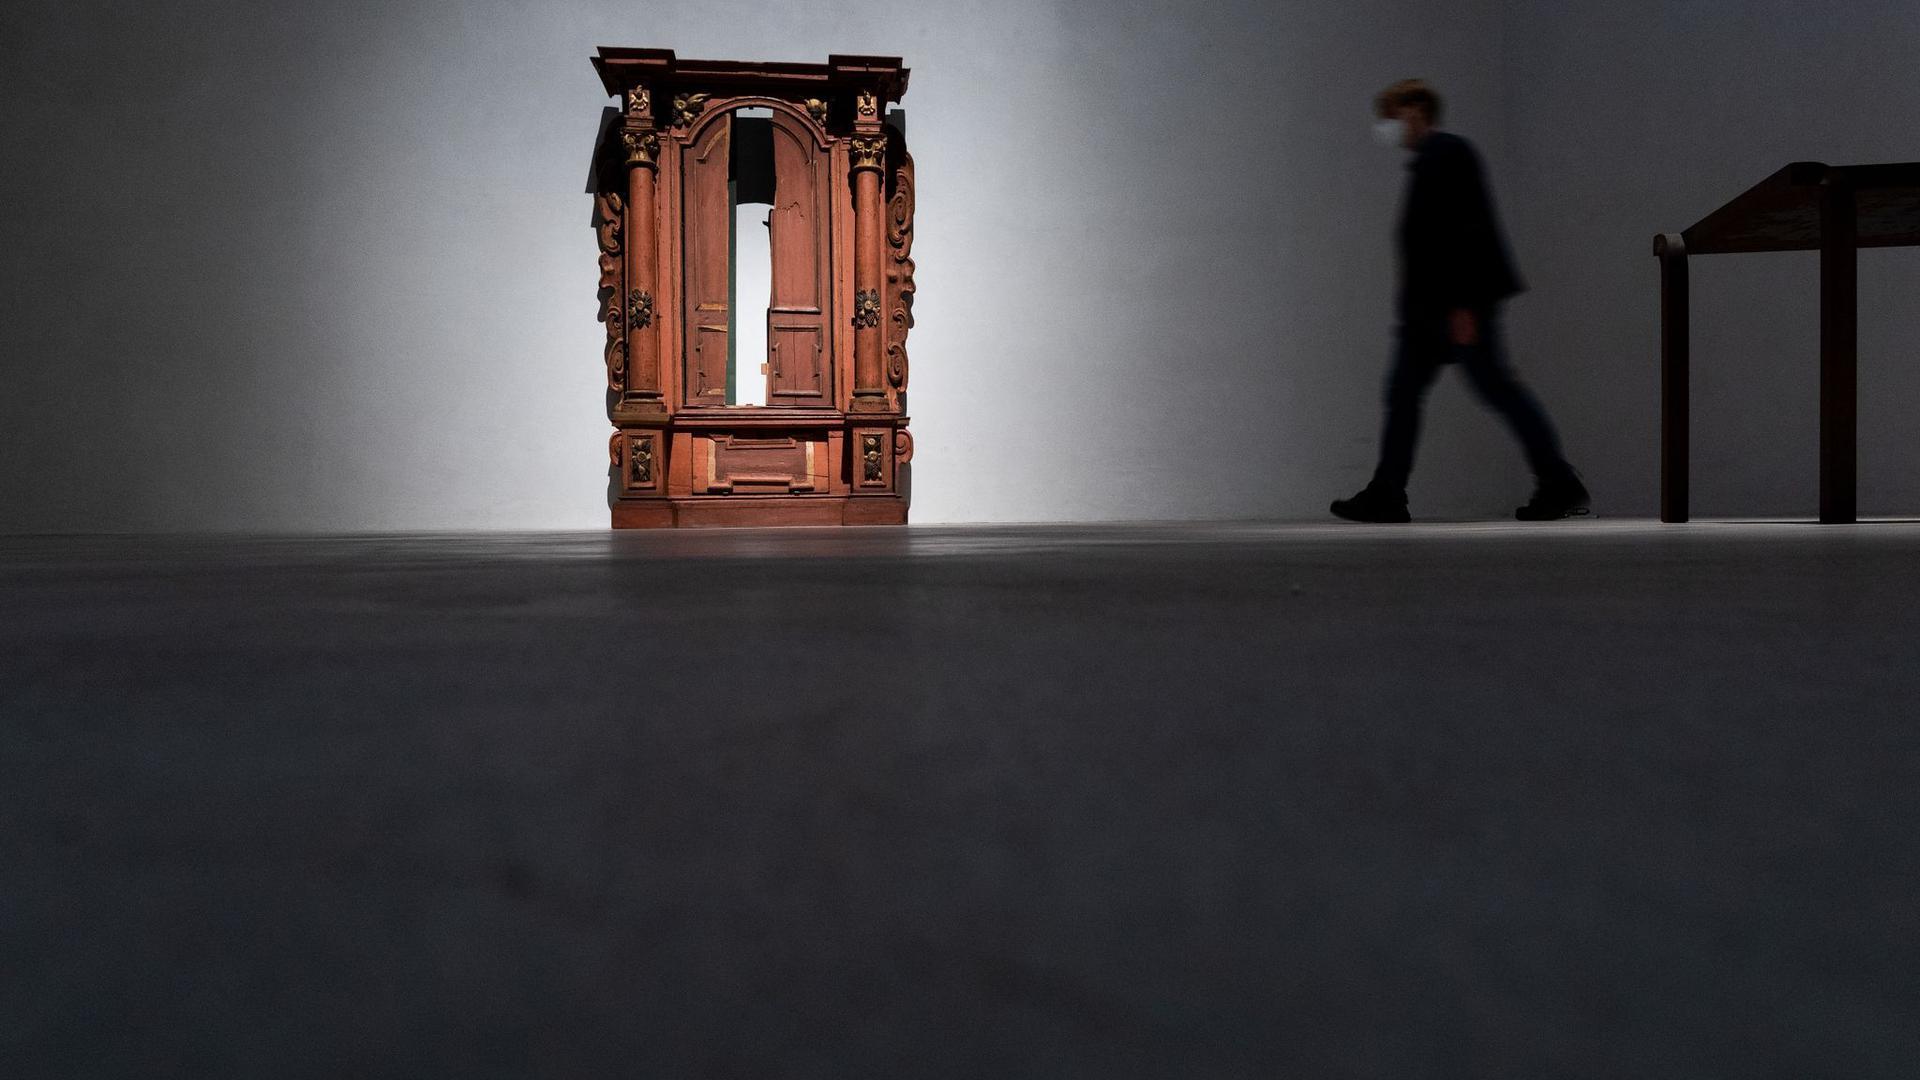 """Der Tora-Schrein aus der Kleinen Synagoge in Würzburg (Mitte 18. Jahrhundert) in der Ausstellung """"1700 Jahre jüdisches Lebens in Deutschland"""" in Köln."""